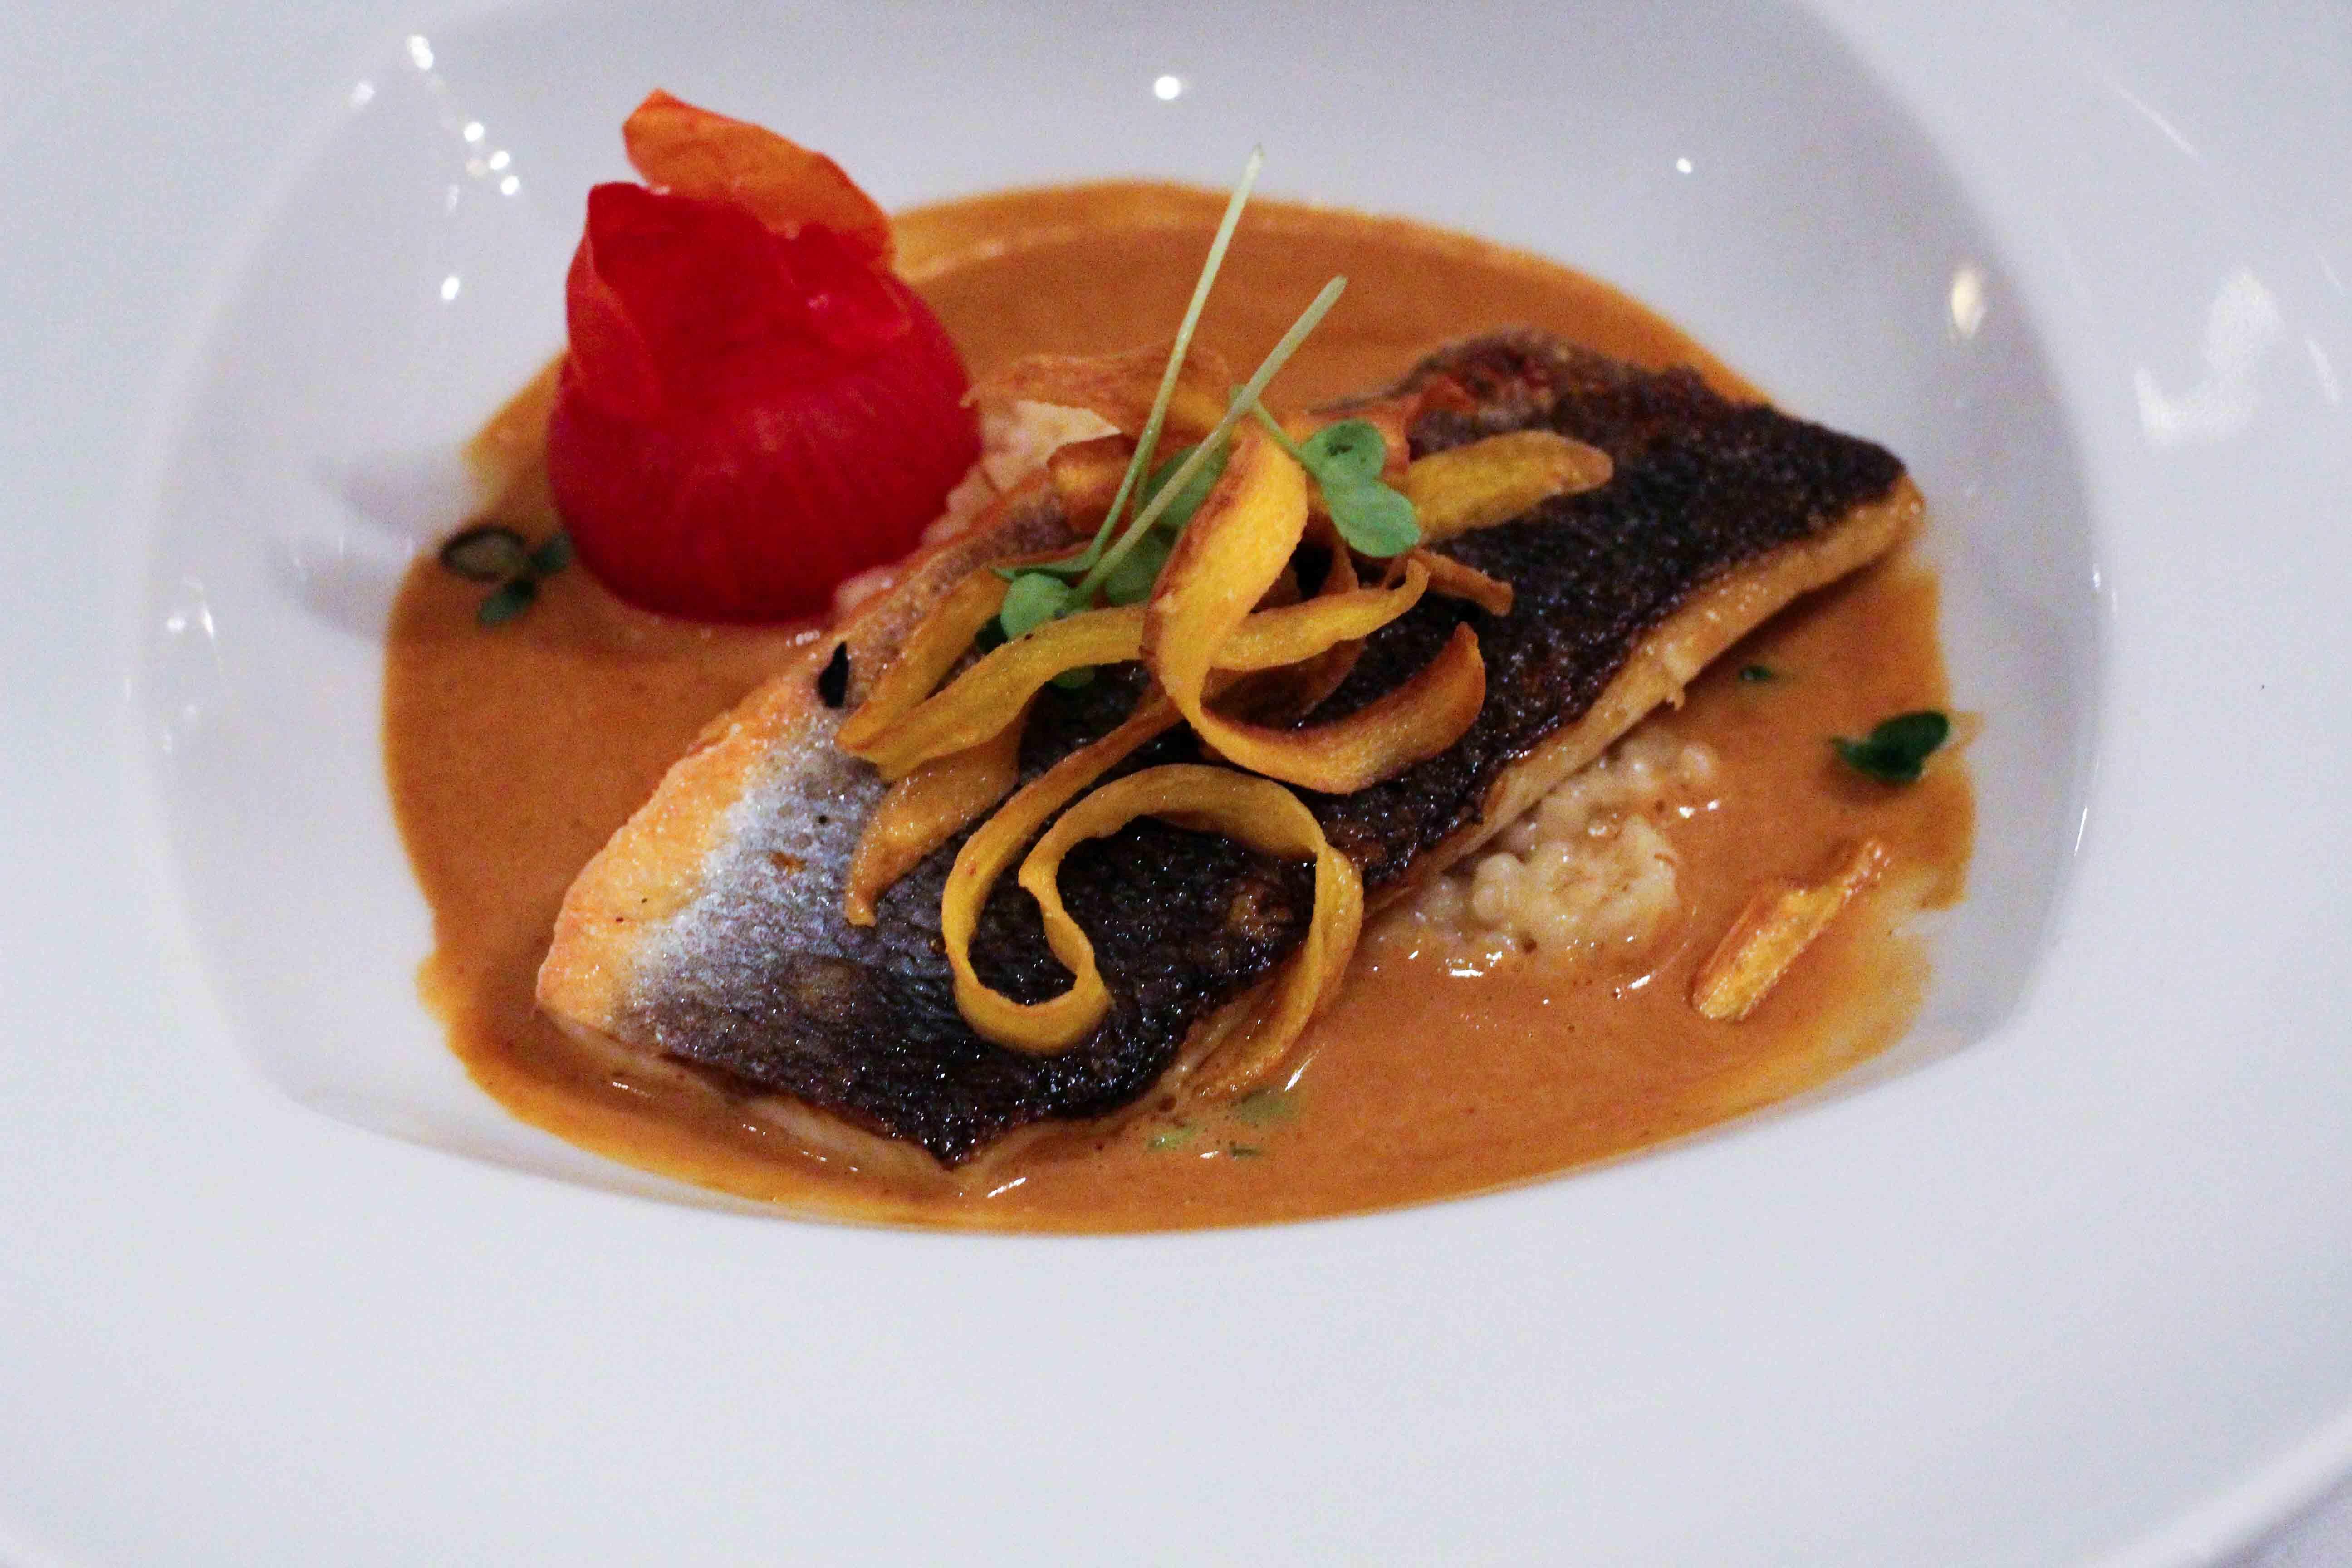 Steigenberger Hotel Bad Neuenahr #Stahr Bloggerreise Luxushotel Fisch Dinner